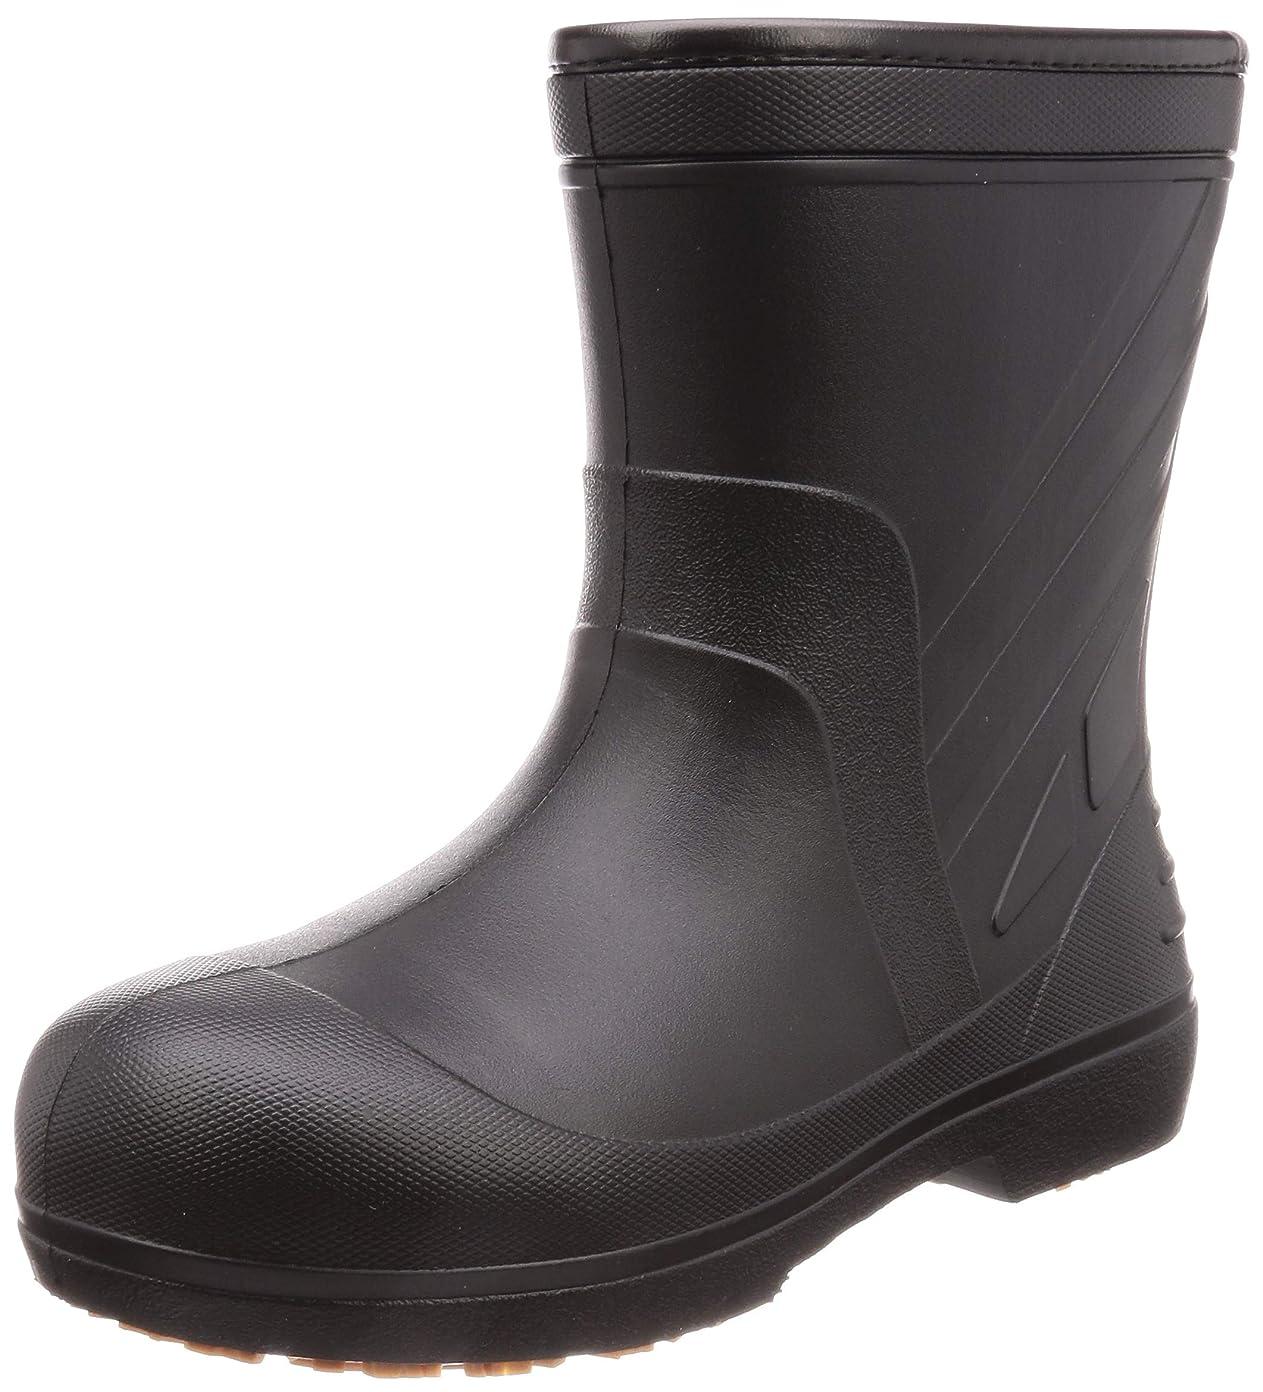 [キタ] 安全長靴 作業長靴 メガセーフティ 超軽量&屈曲EVAラバーショート KR-7050